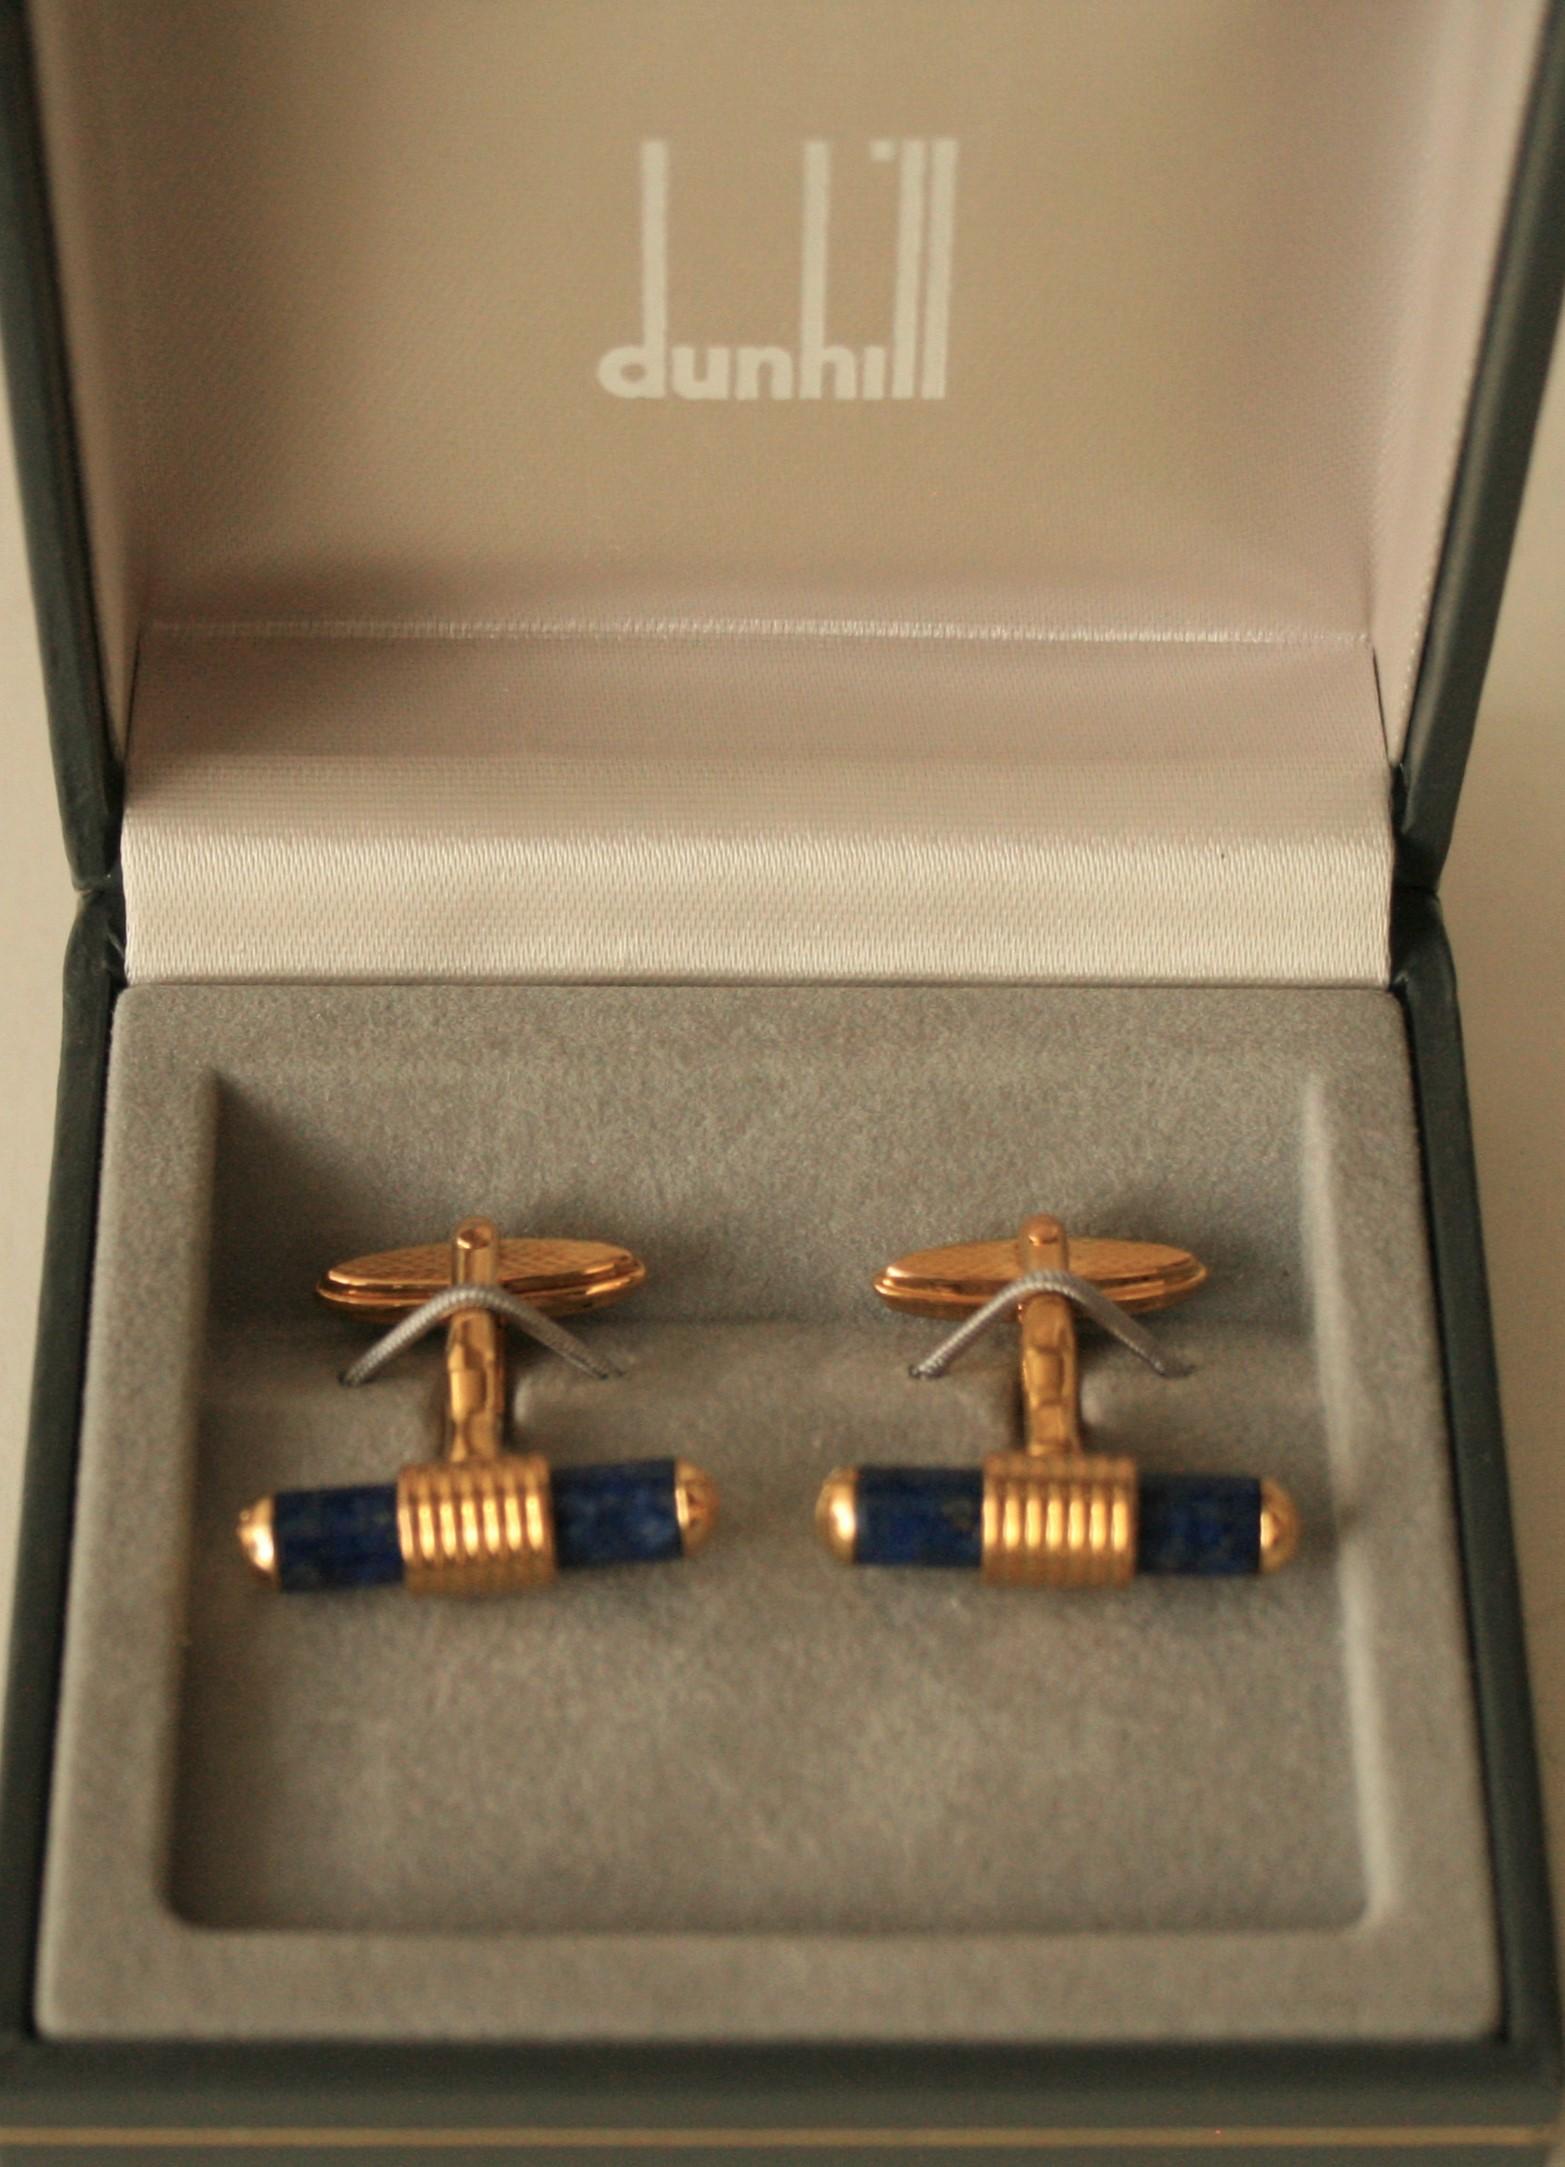 Lot 21 - Boutons de manchettes DUNHILL plaqué or et lapis lazuli, boîte d'origine - DUNHILL [...]